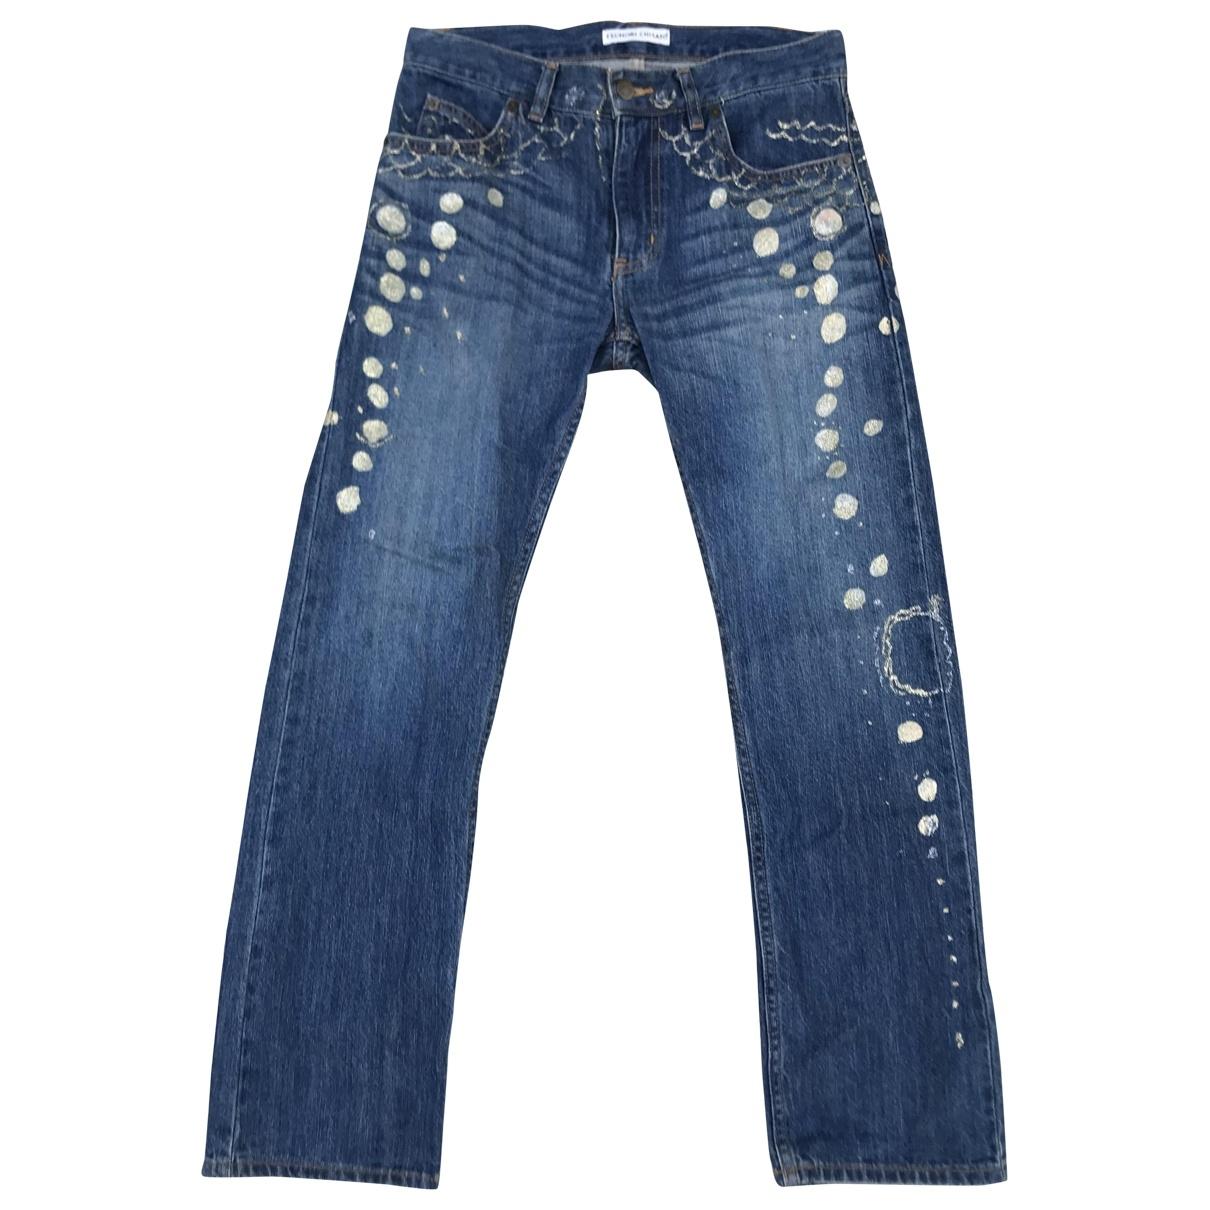 Tsumori Chisato \N Blue Denim - Jeans Jeans for Women 30 US